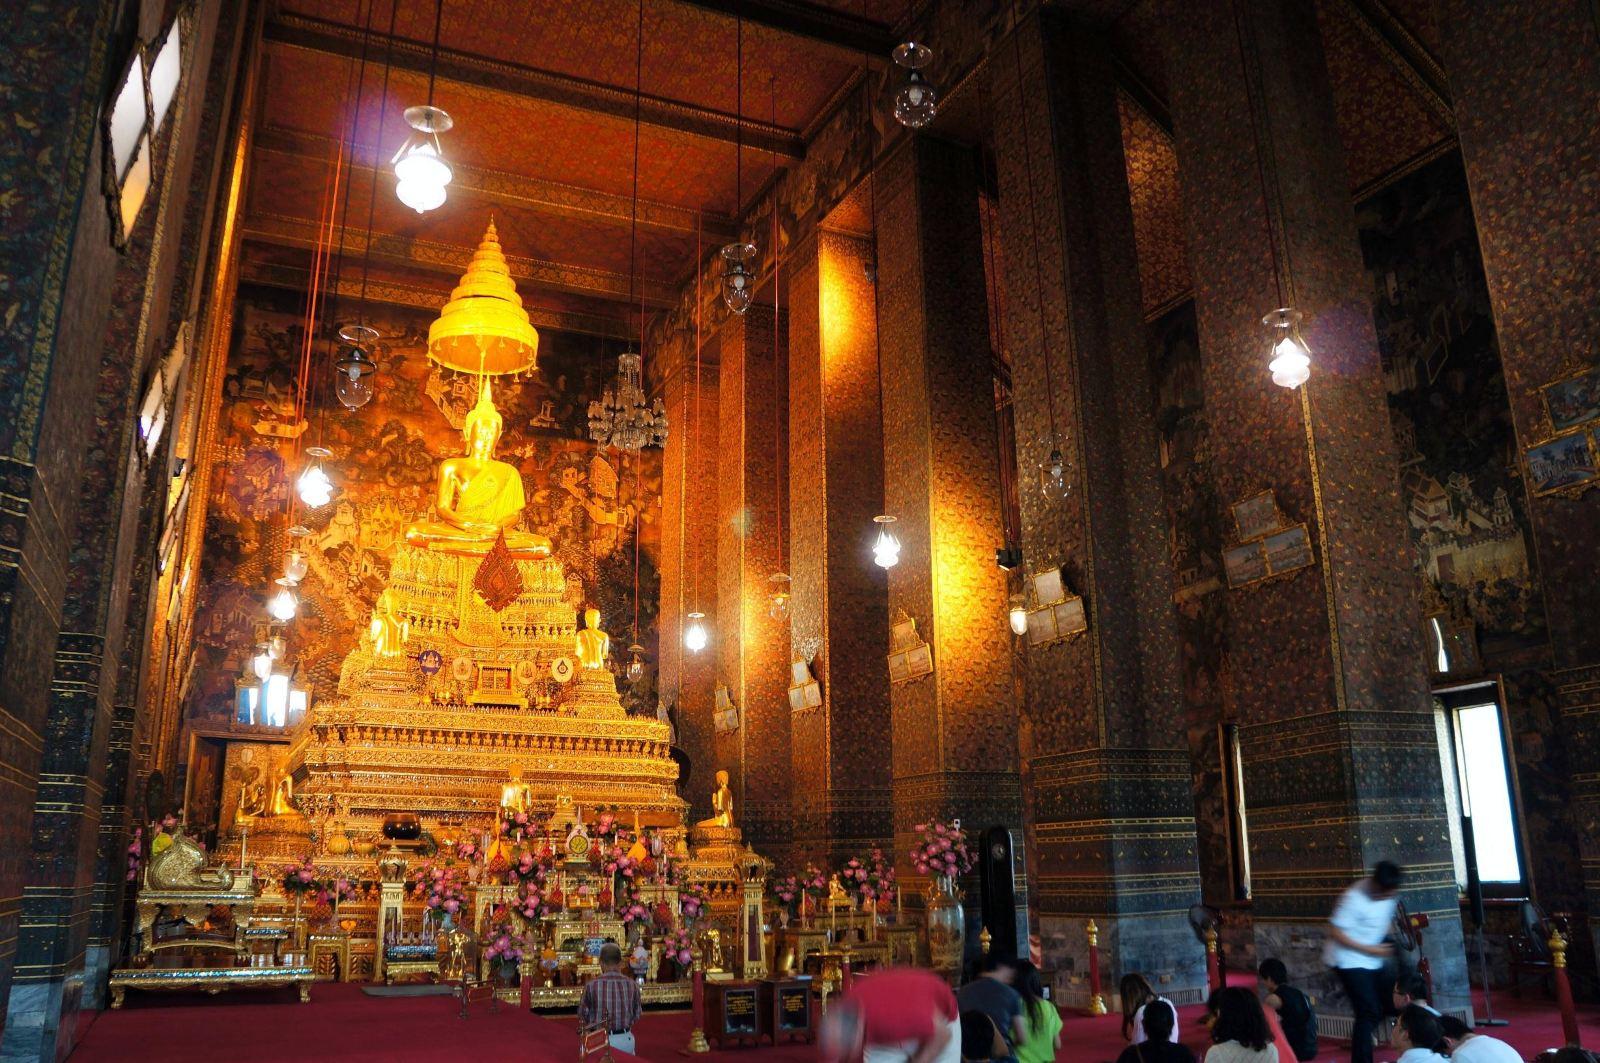 美食之旅·泰国+曼谷+芭提雅6日5晚跟团游·杭州动车